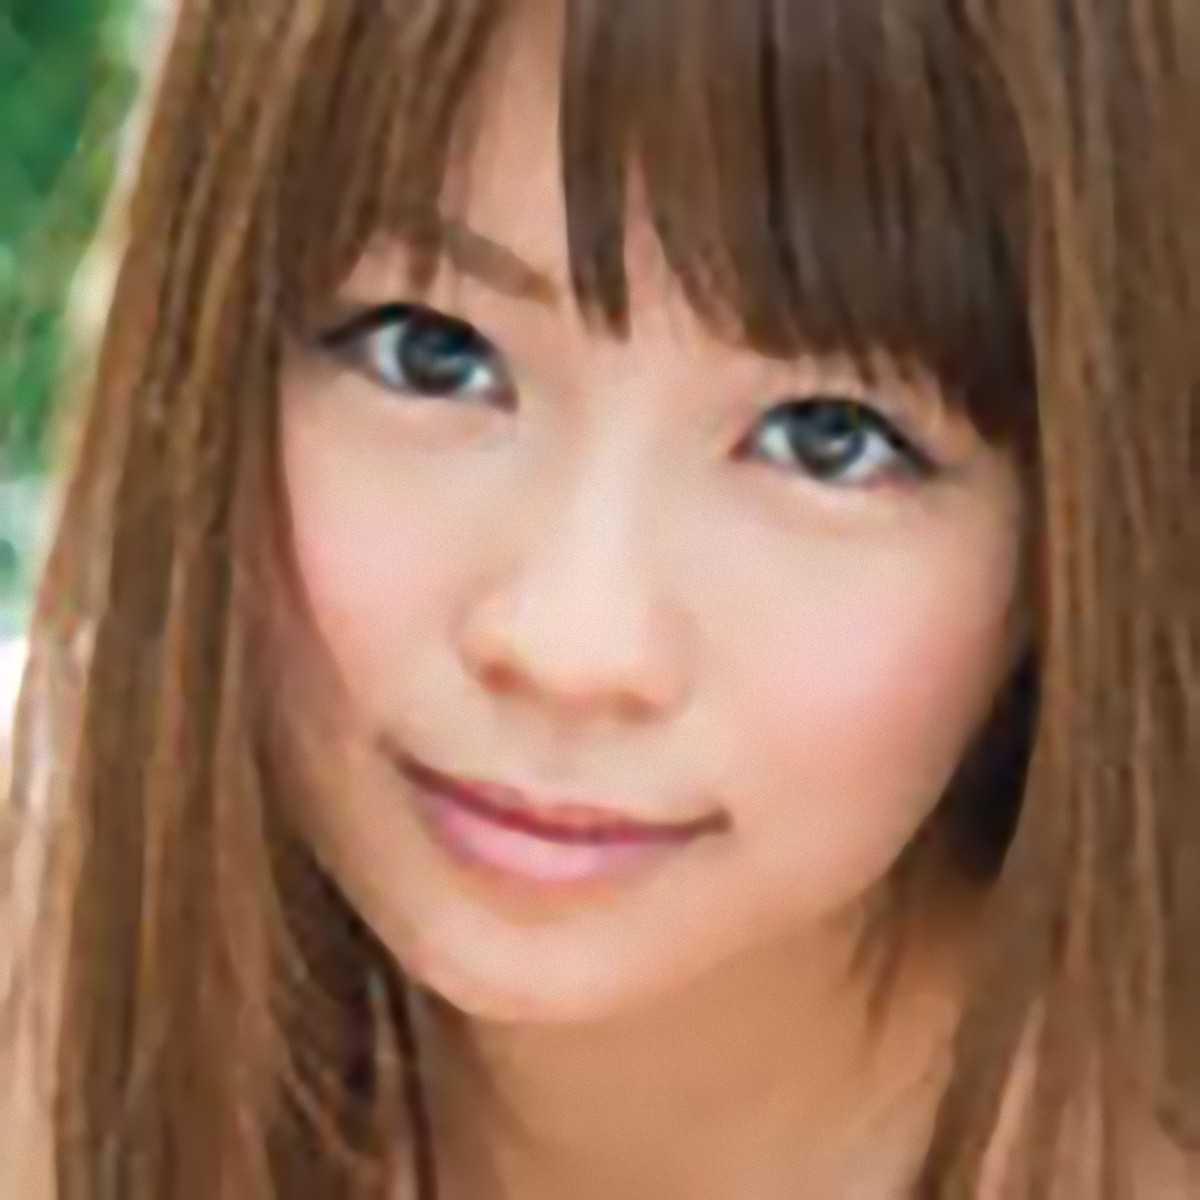 大塩友里さんのプロフィールと画像集2ページ目 | AV女優画像